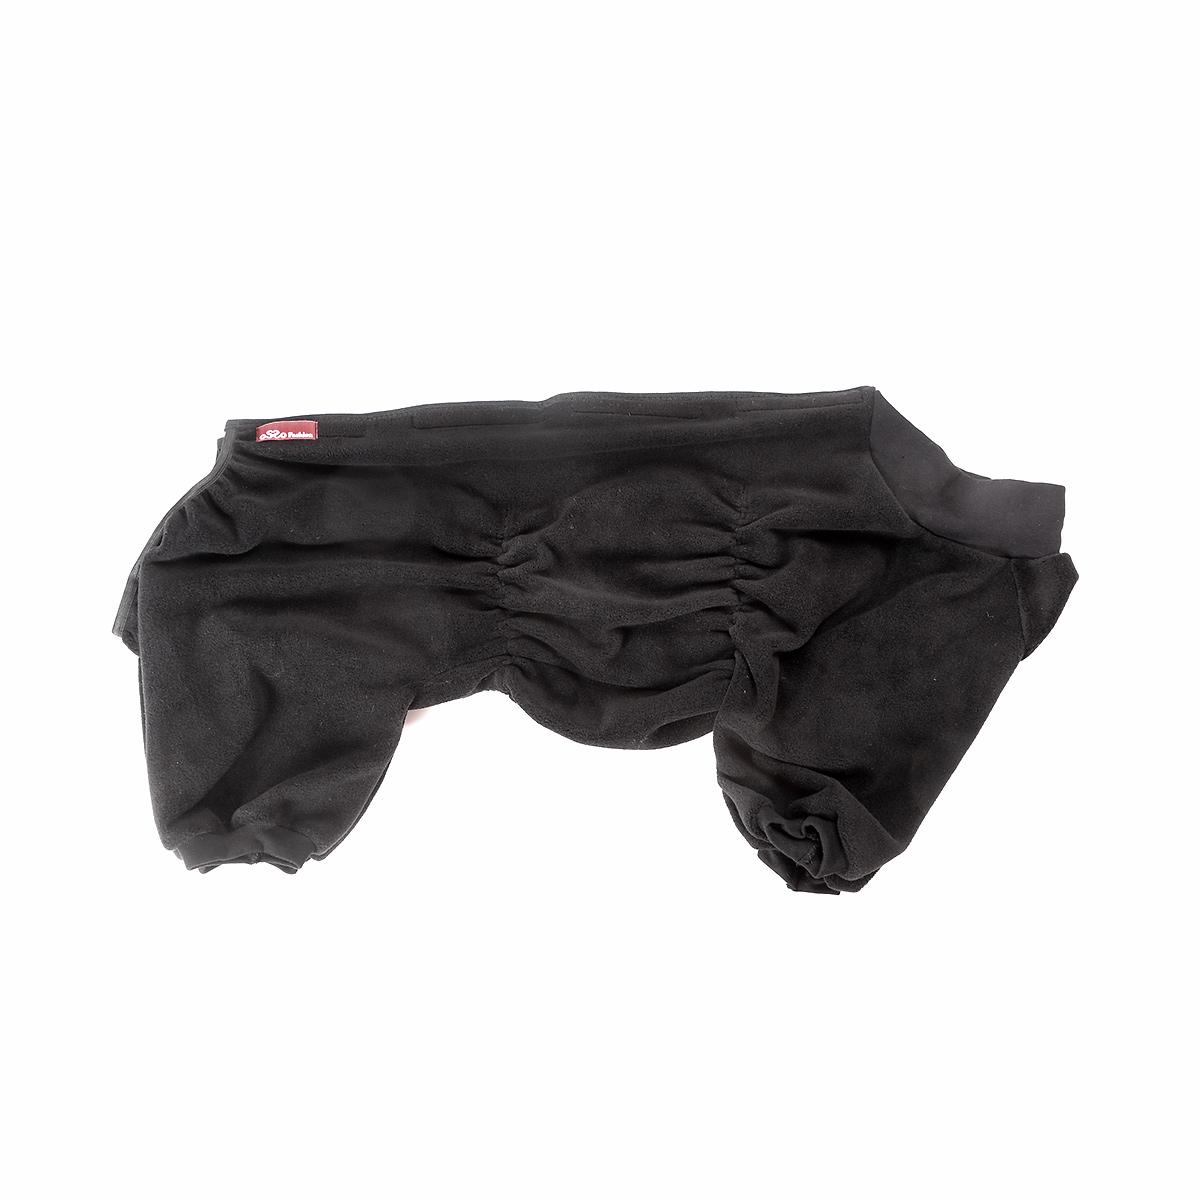 Комбинезон для собак Osso Fashion, для мальчика, цвет: графит. Размер 60Кф-1022Теплый, приятный на ощупь, эргономичный флисовый комбинезон на липучках. Комфортная посадка по корпусу достигается за счет резинок-утяжек под грудью и животом. На воротнике имеются завязки, для дополнительной фиксации Можно носить самостоятельно и как поддевку под комбинезон для собак на грязь. Отлично стирается, быстро сохнет.